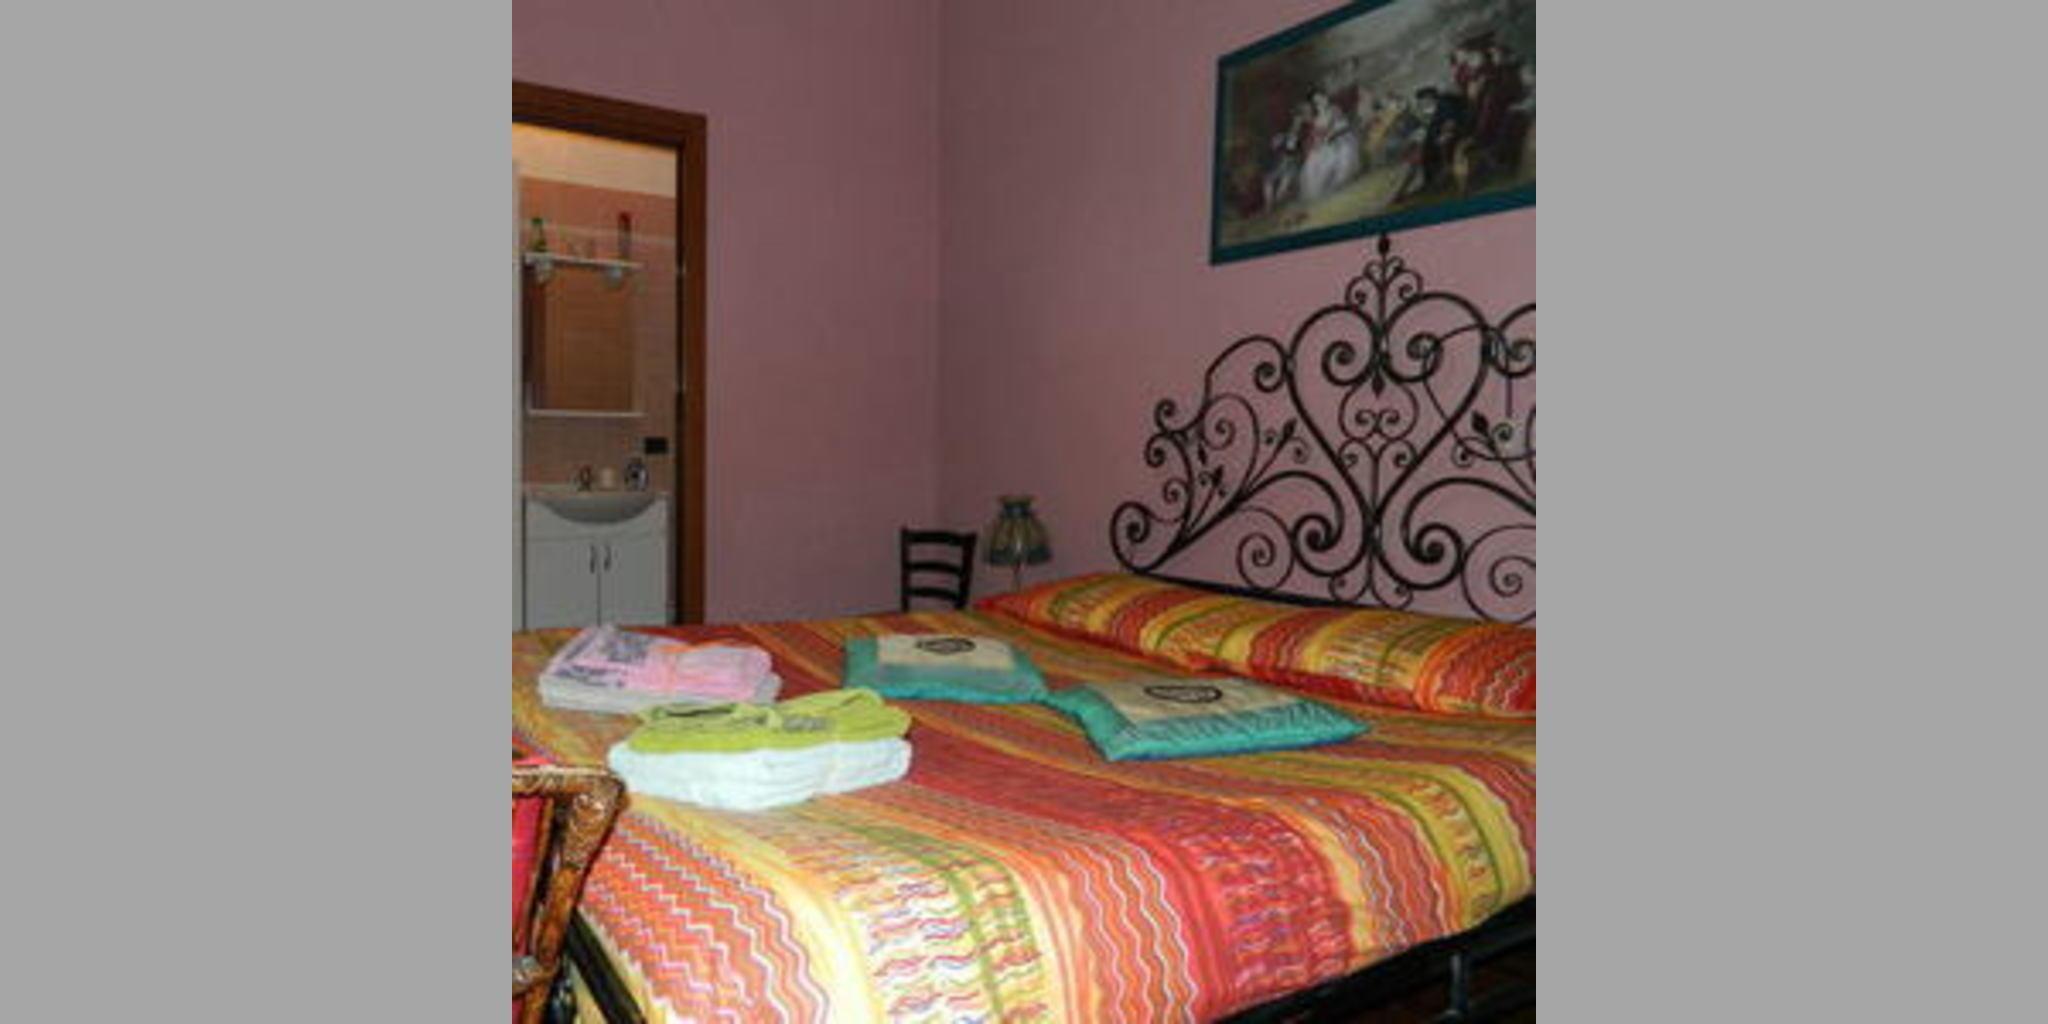 Bed & Breakfast Stresa - Lago Maggiore_ Stresa